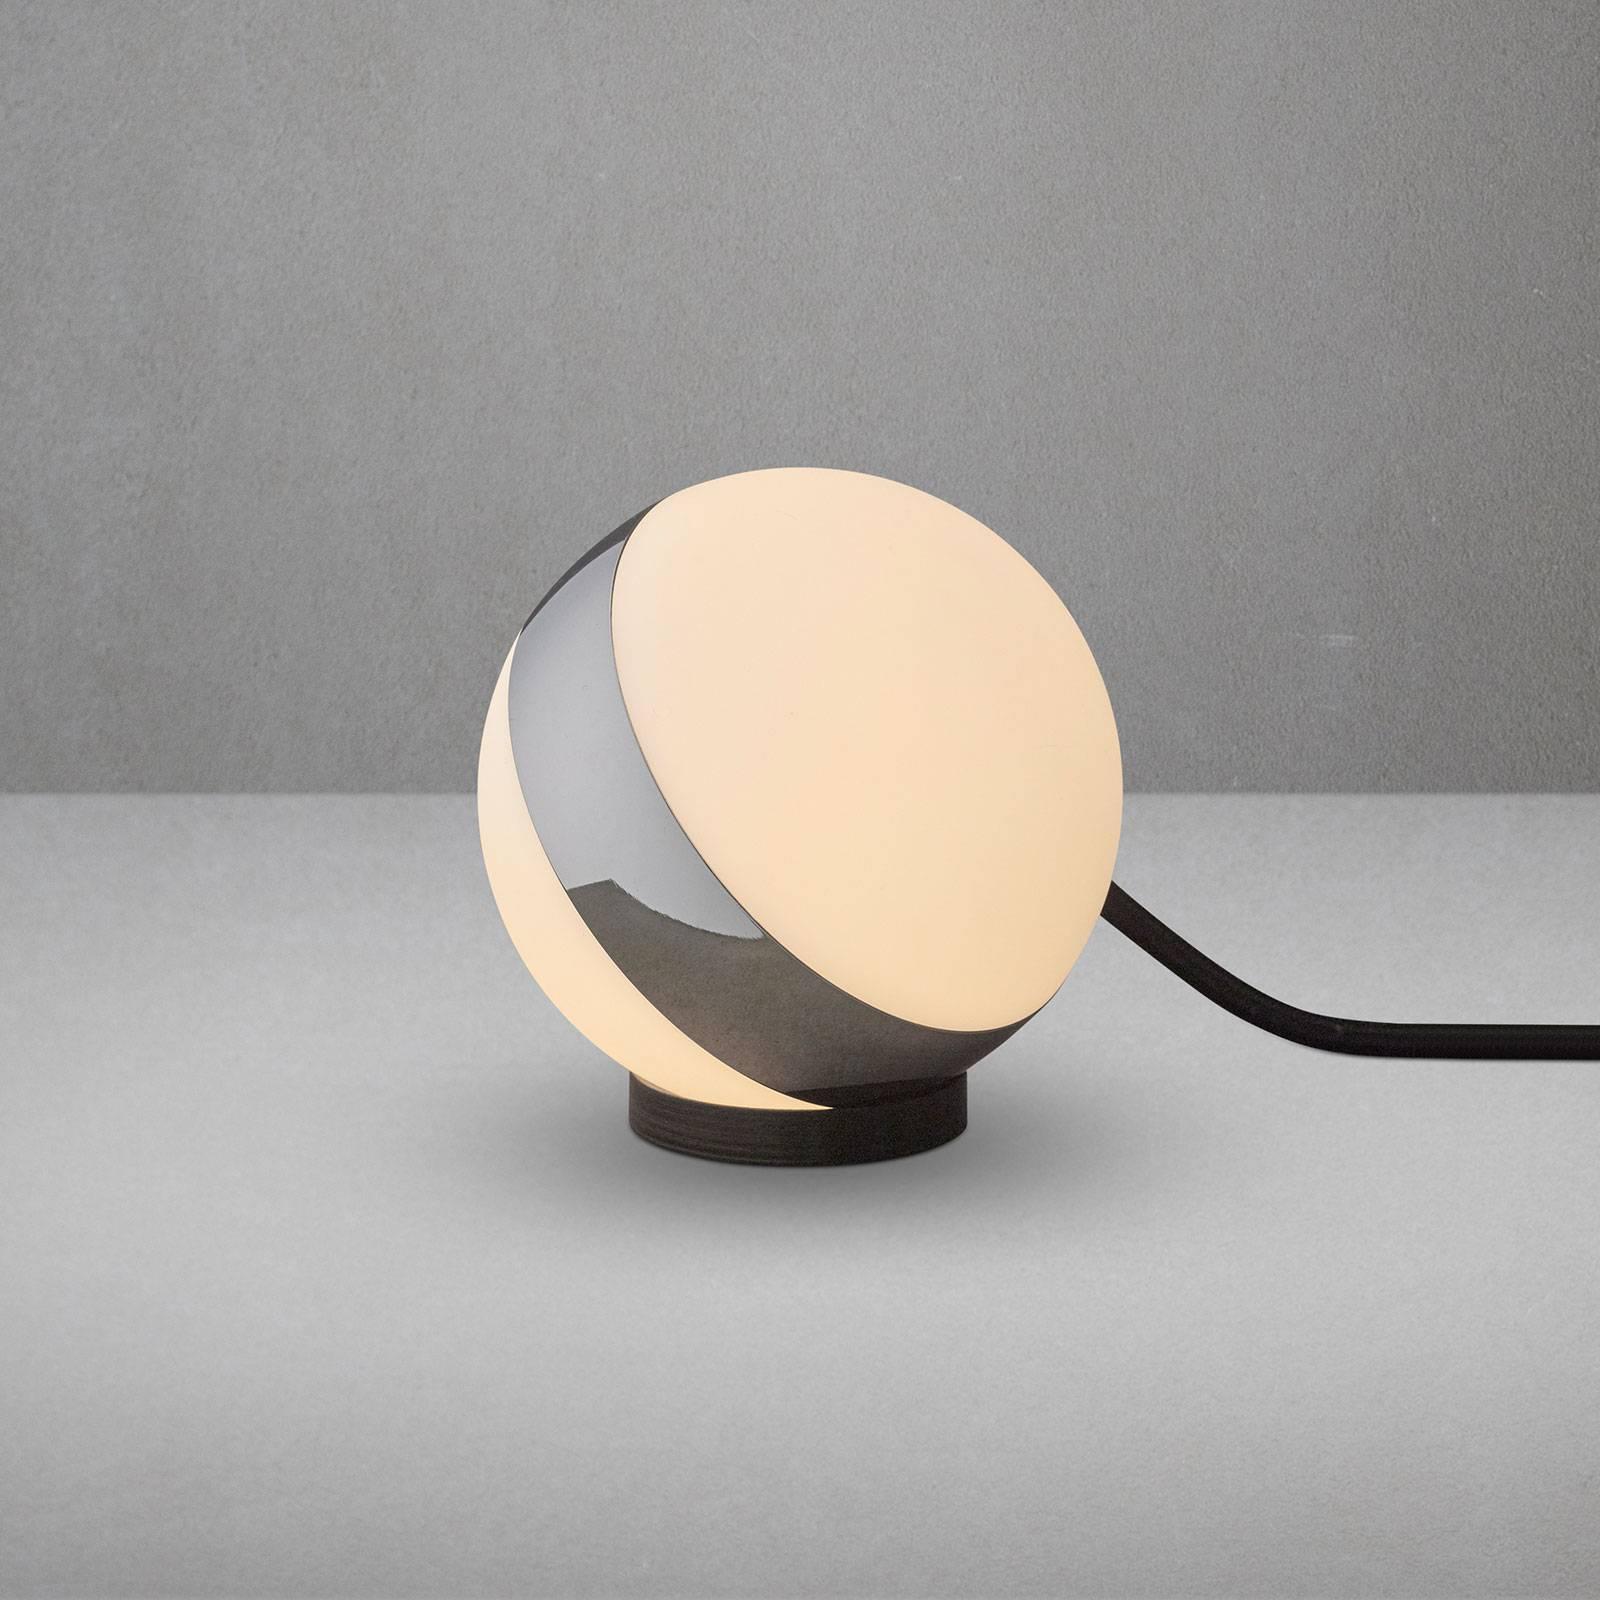 Pyöreä Circle-pöytävalaisin, korkeus 12 cm